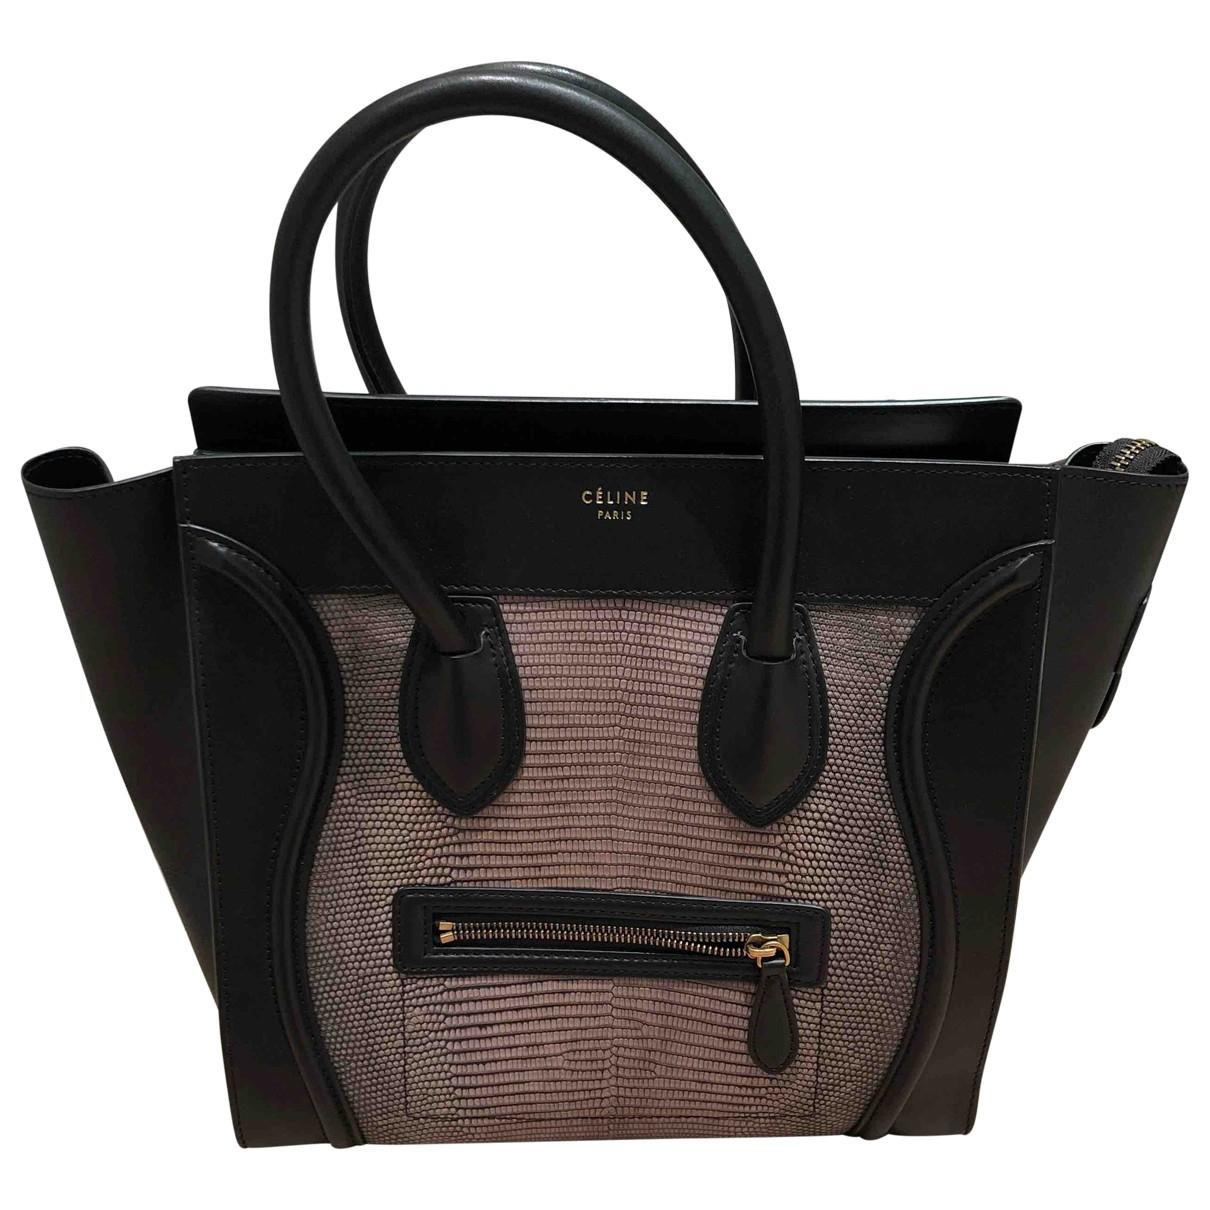 Celine Luggage Handtasche in  Schwarz Echse